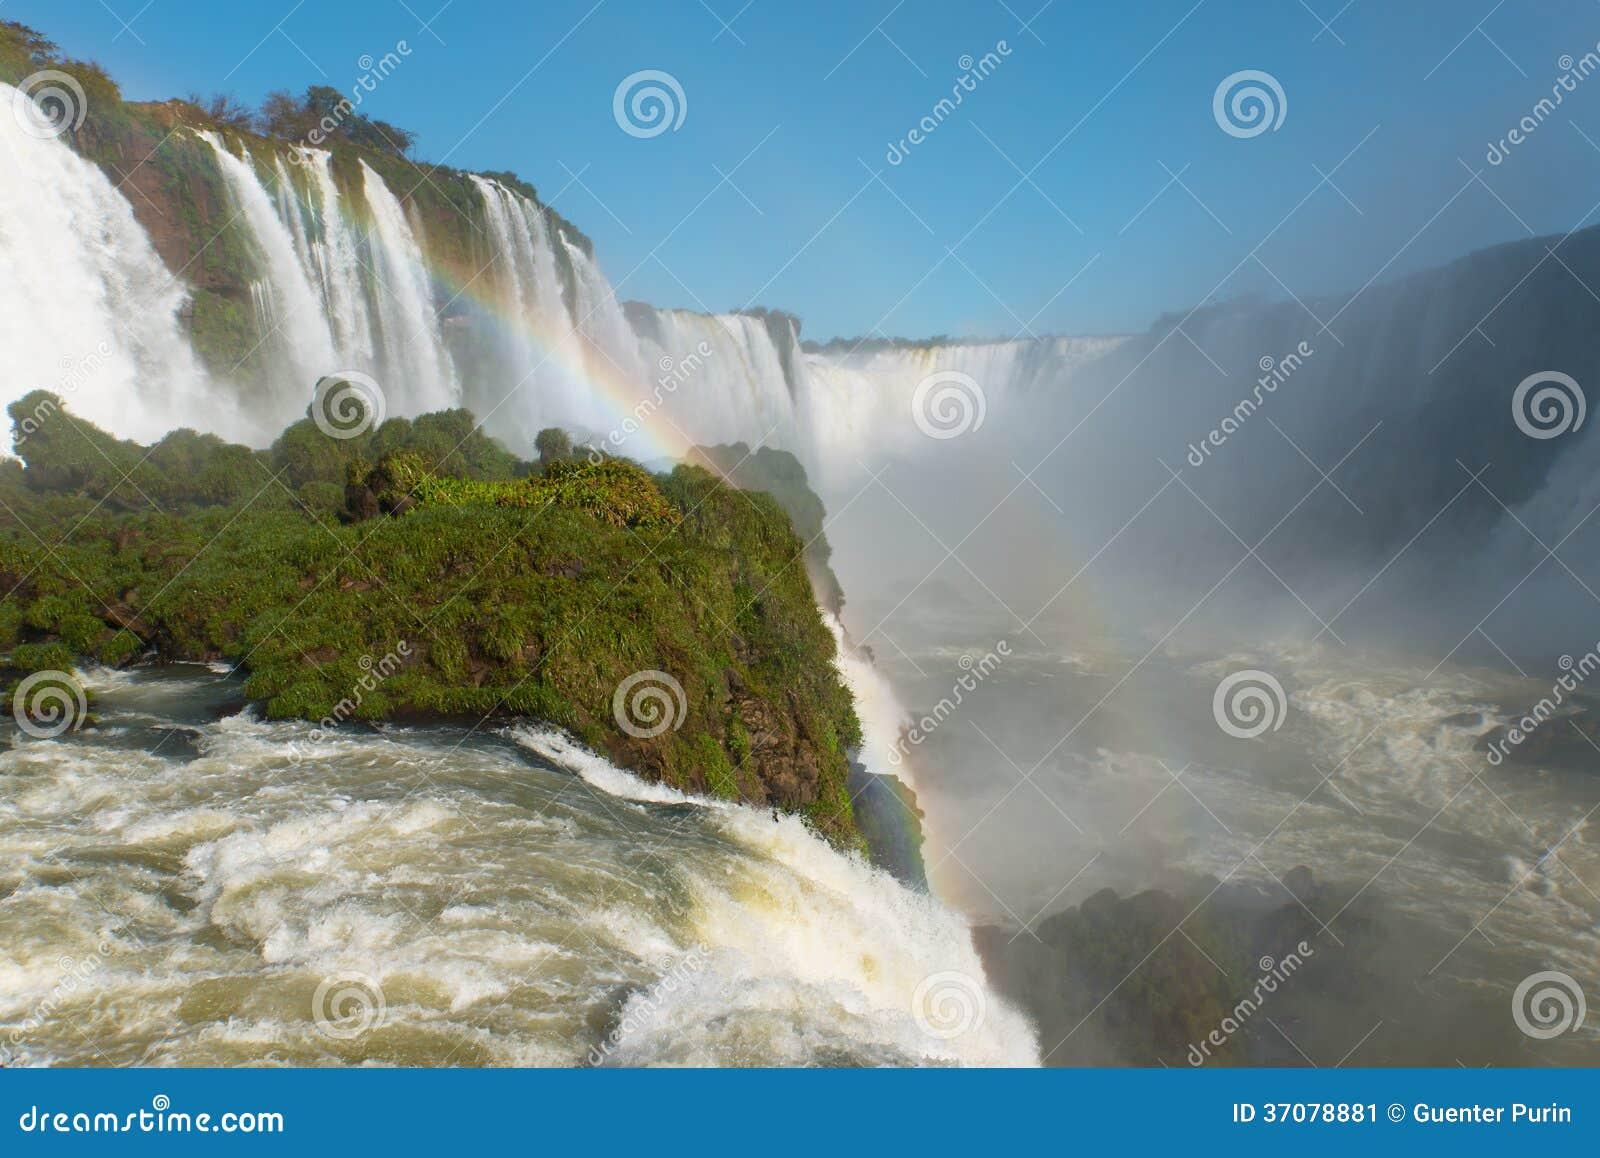 Download Iguazu siklawy obraz stock. Obraz złożonej z przepływ - 37078881